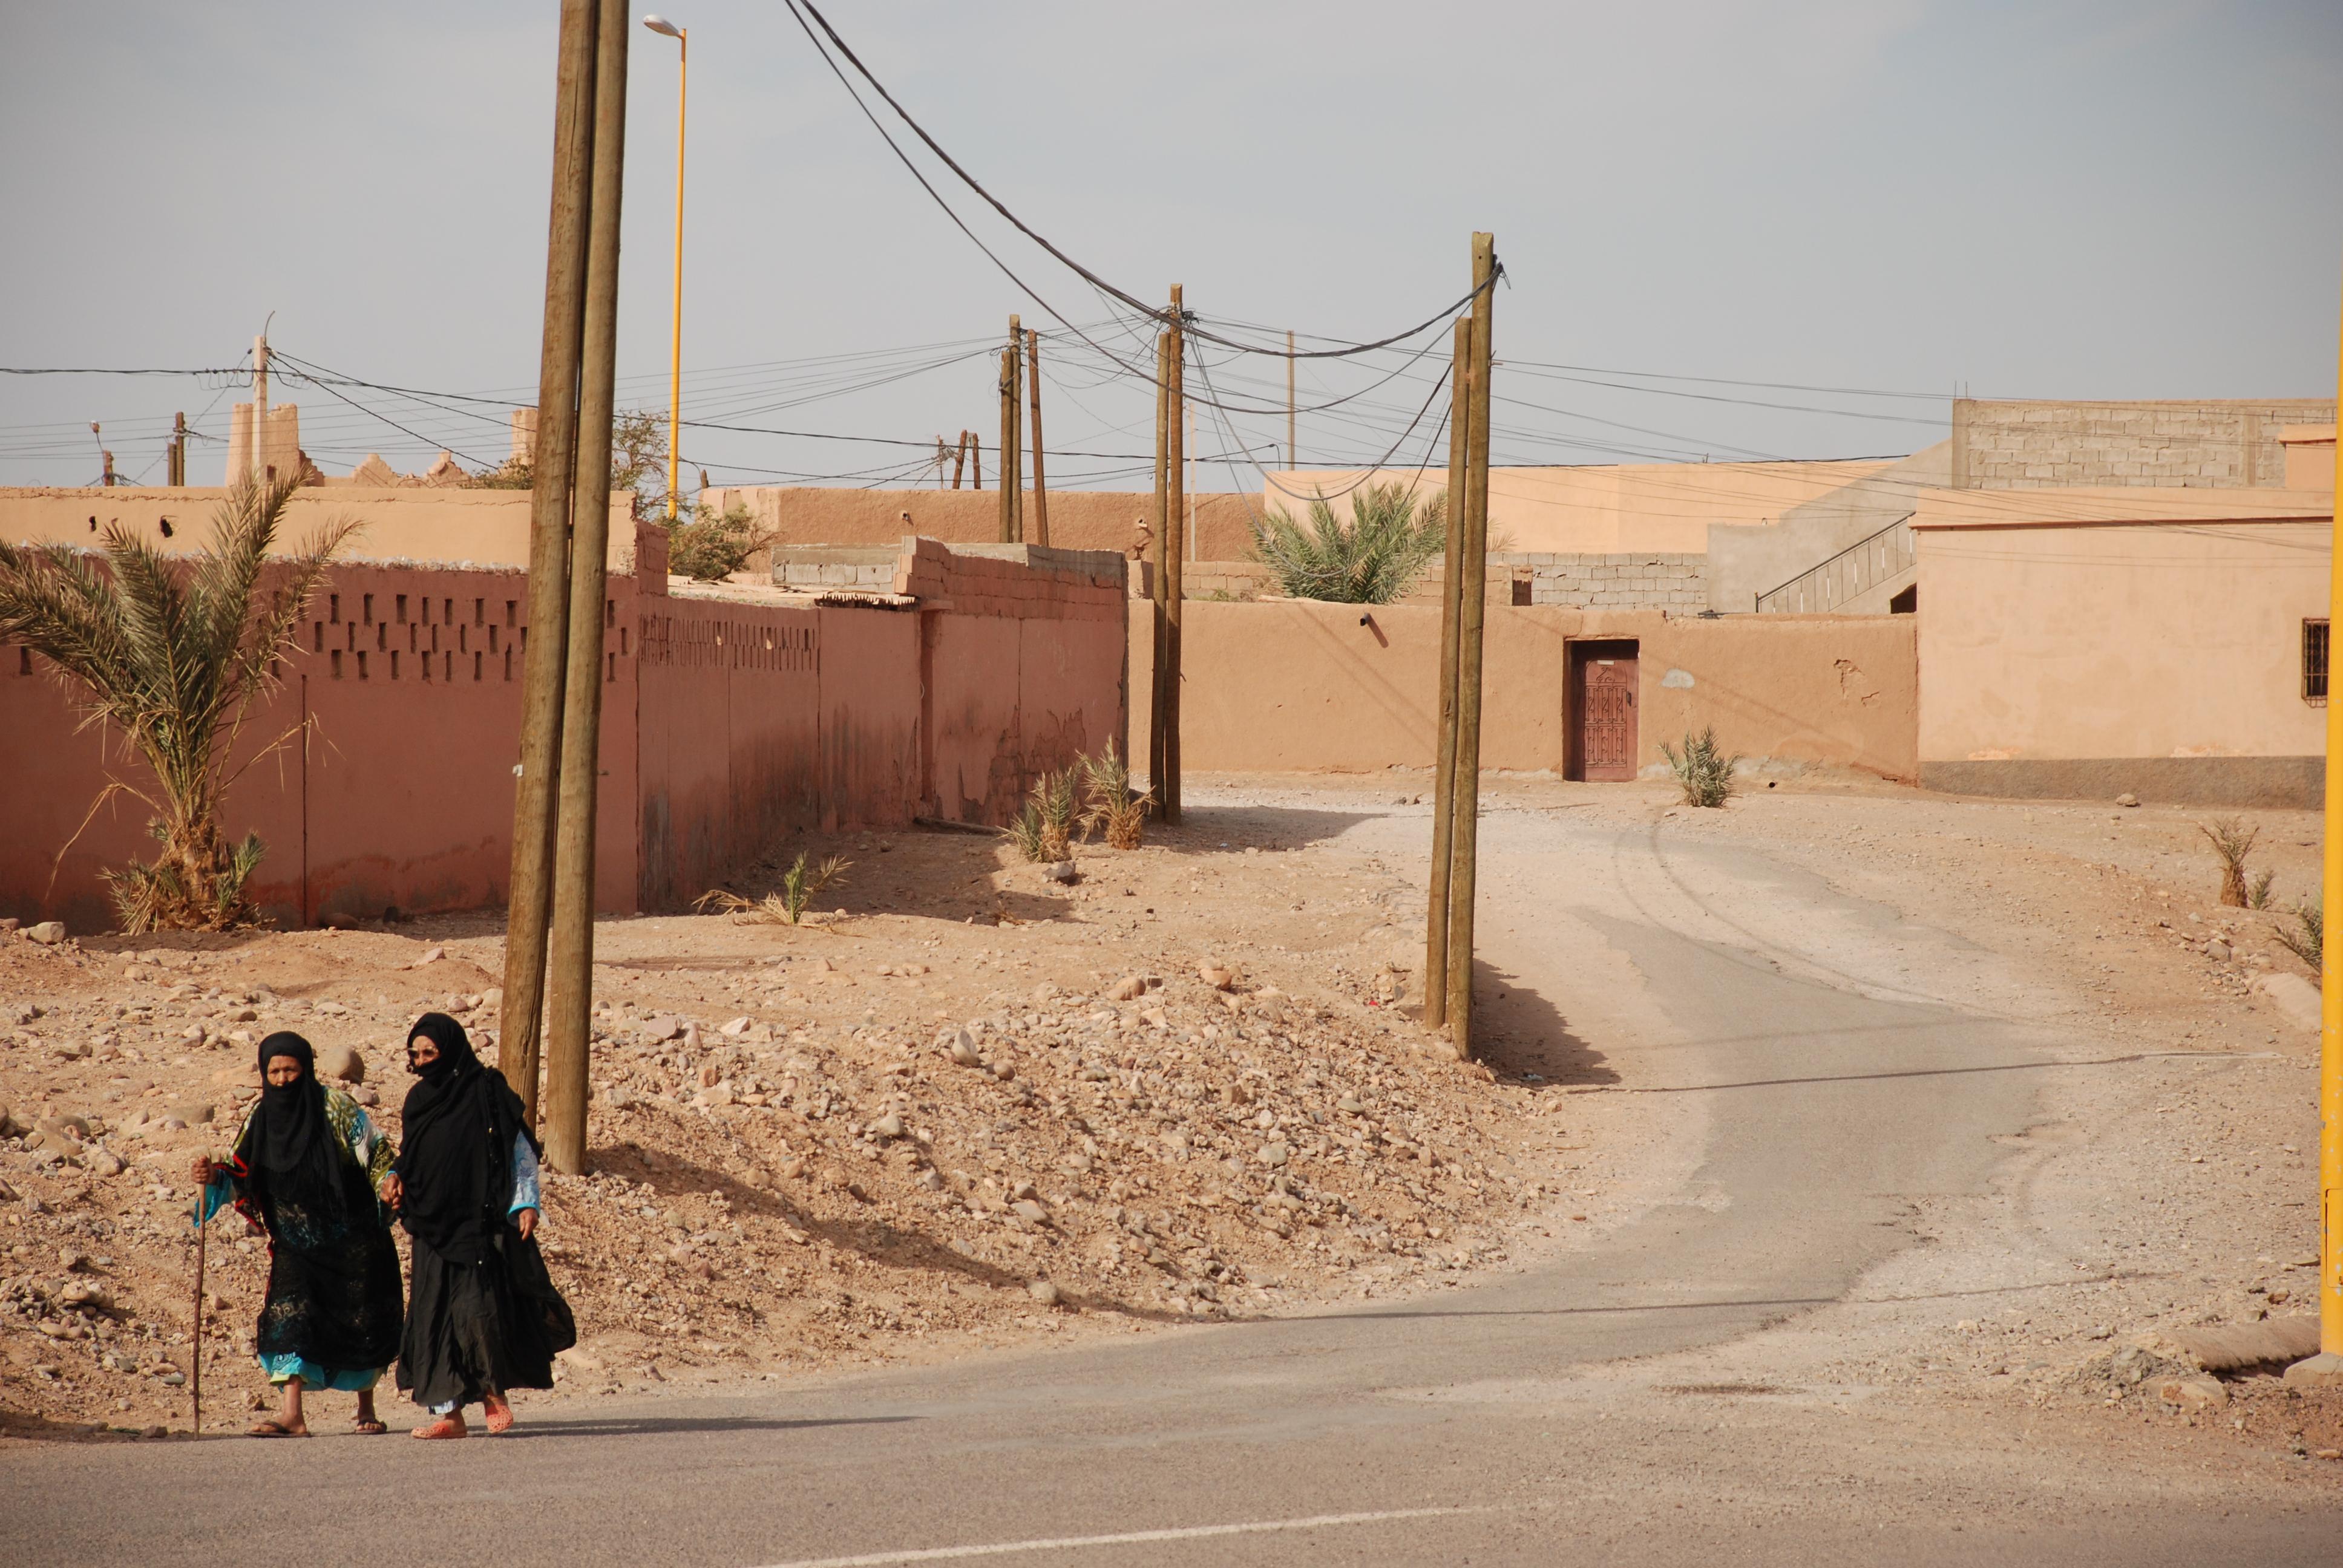 Saharan Life